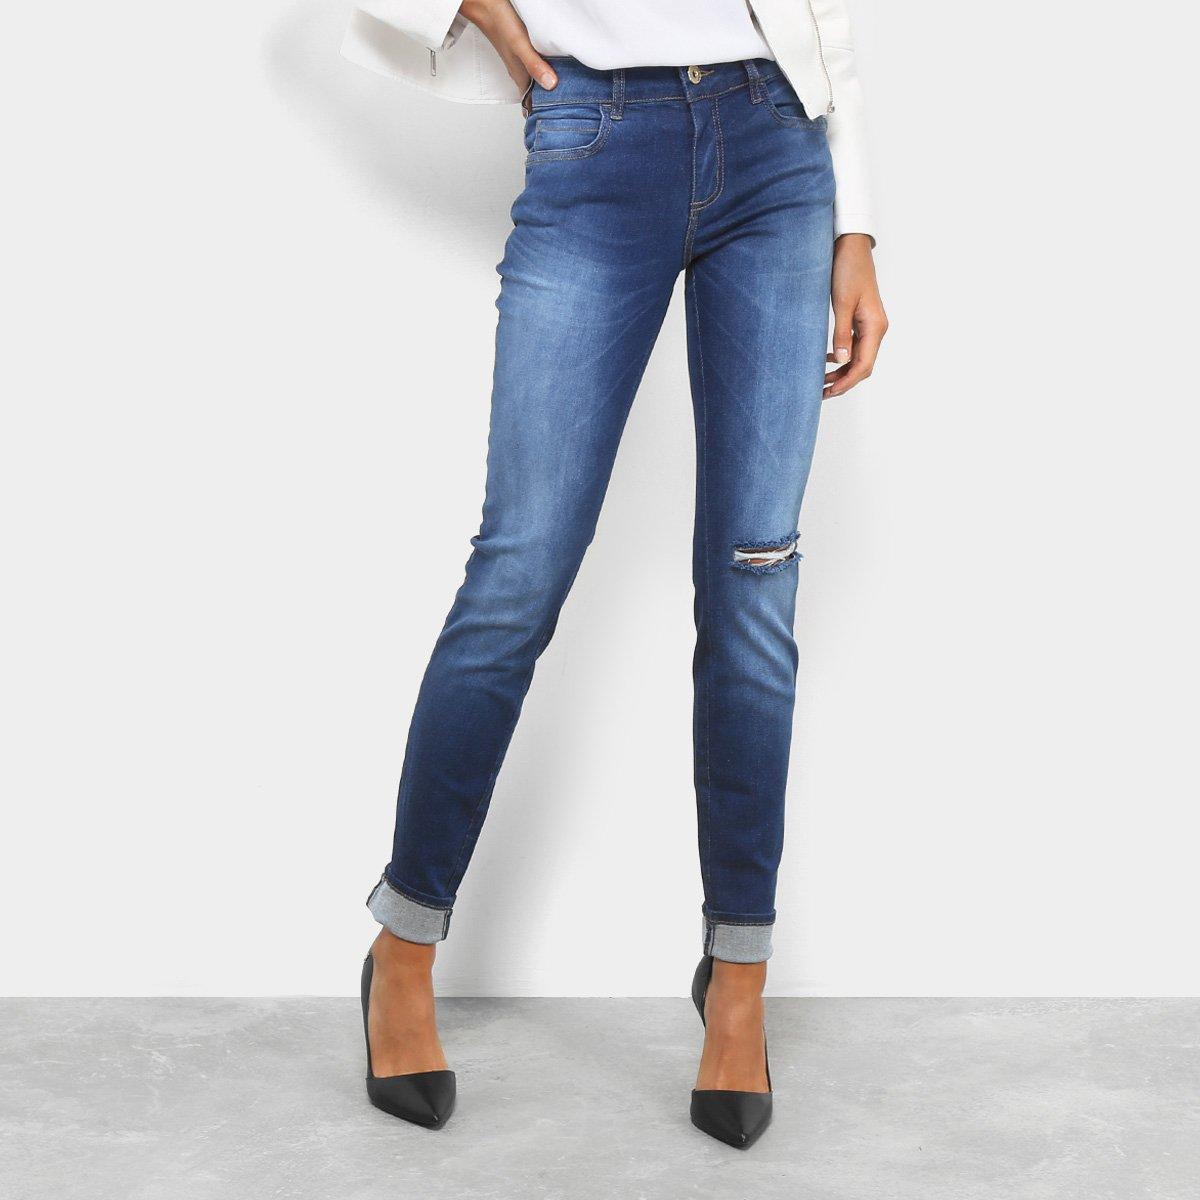 63a4e54ca ... Calça Jeans Skinny Colcci Estonada Rasgada Cintura Média Feminina